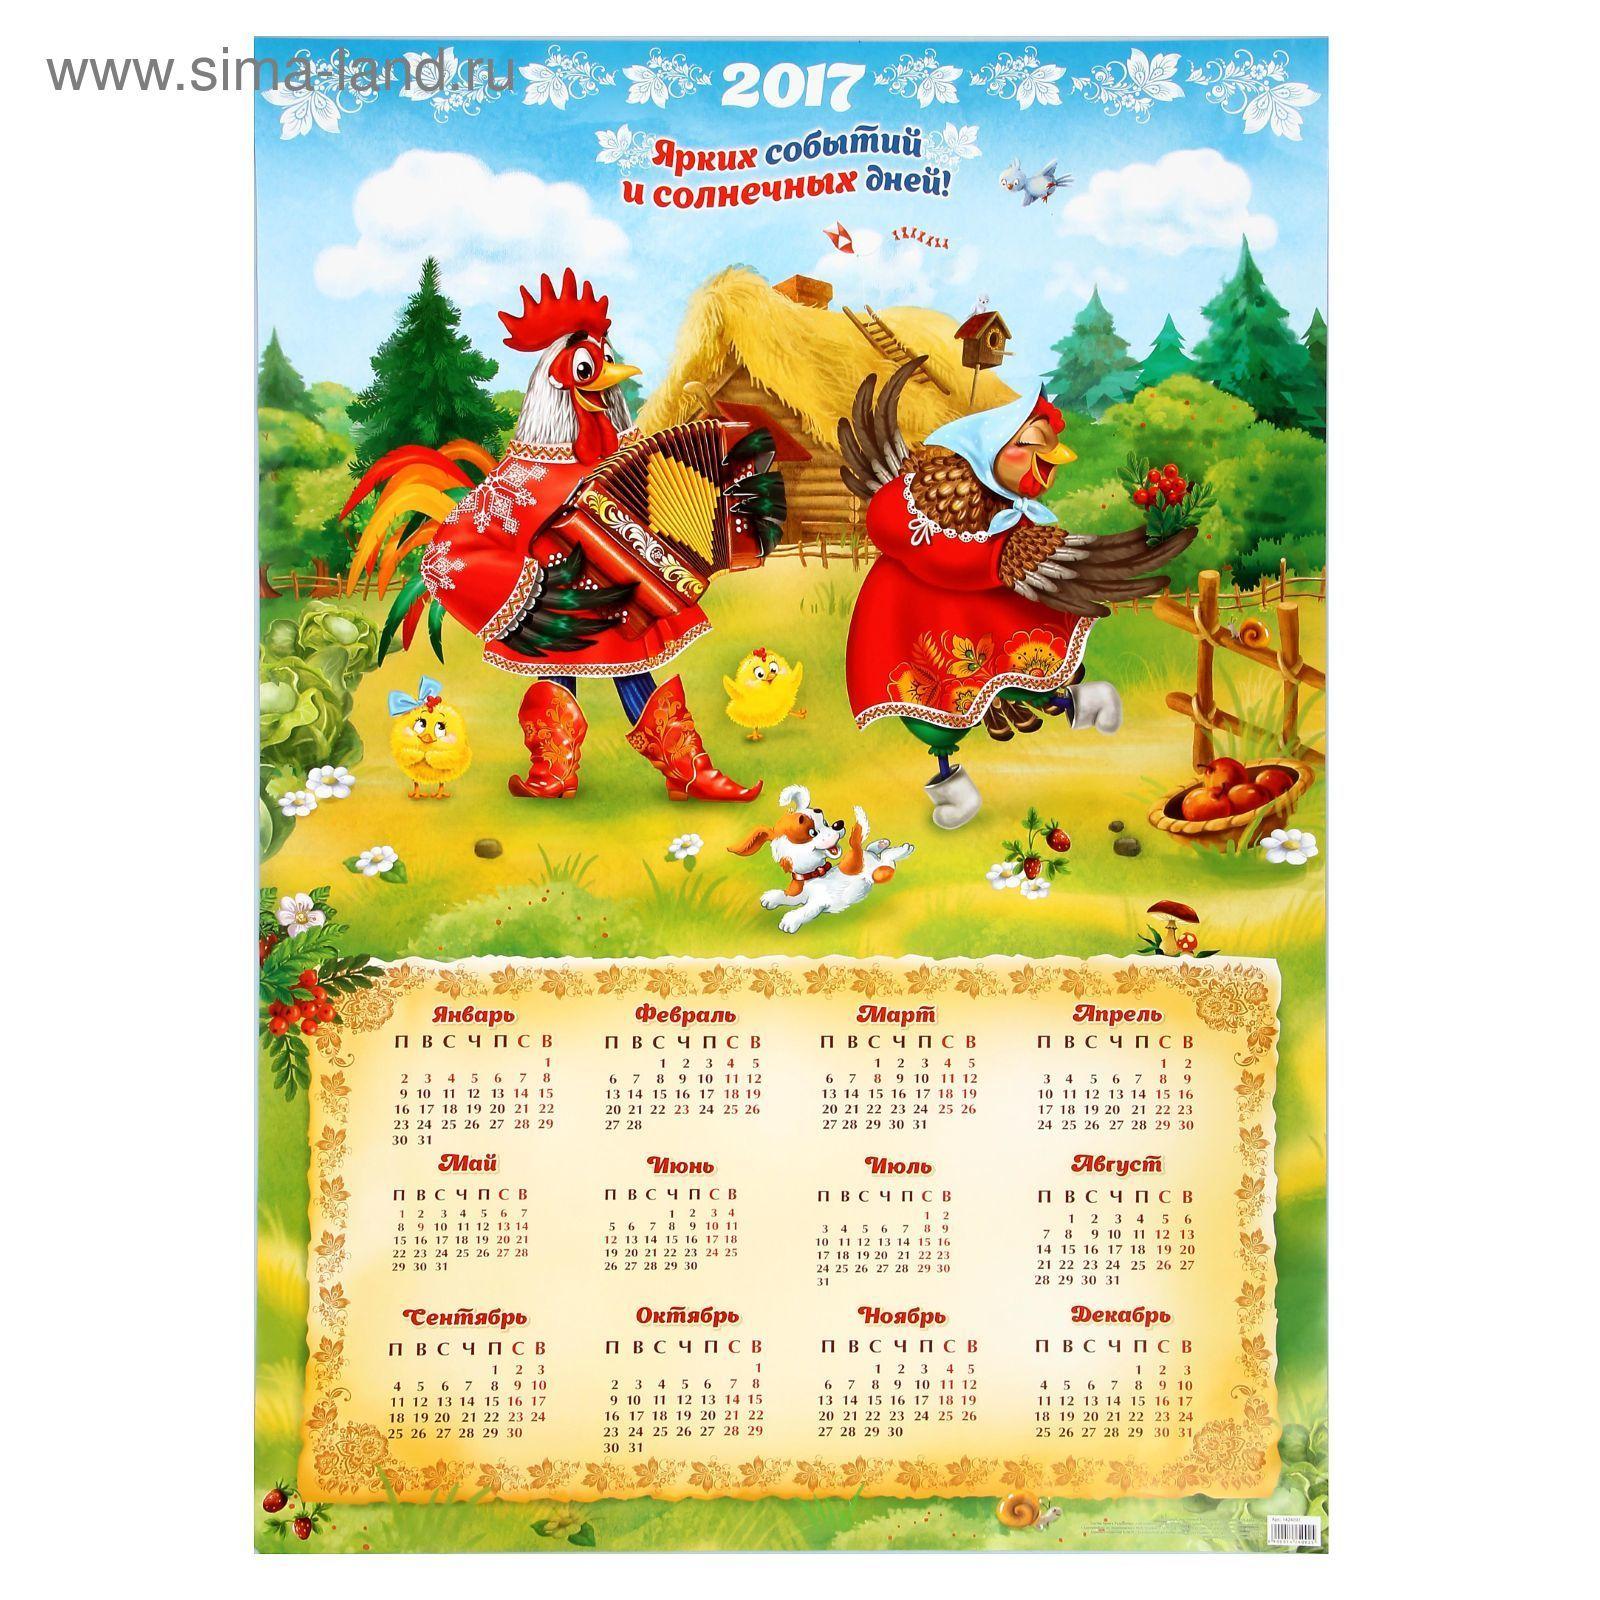 новогодние календари 2017: 16 тыс изображений найдено в ...